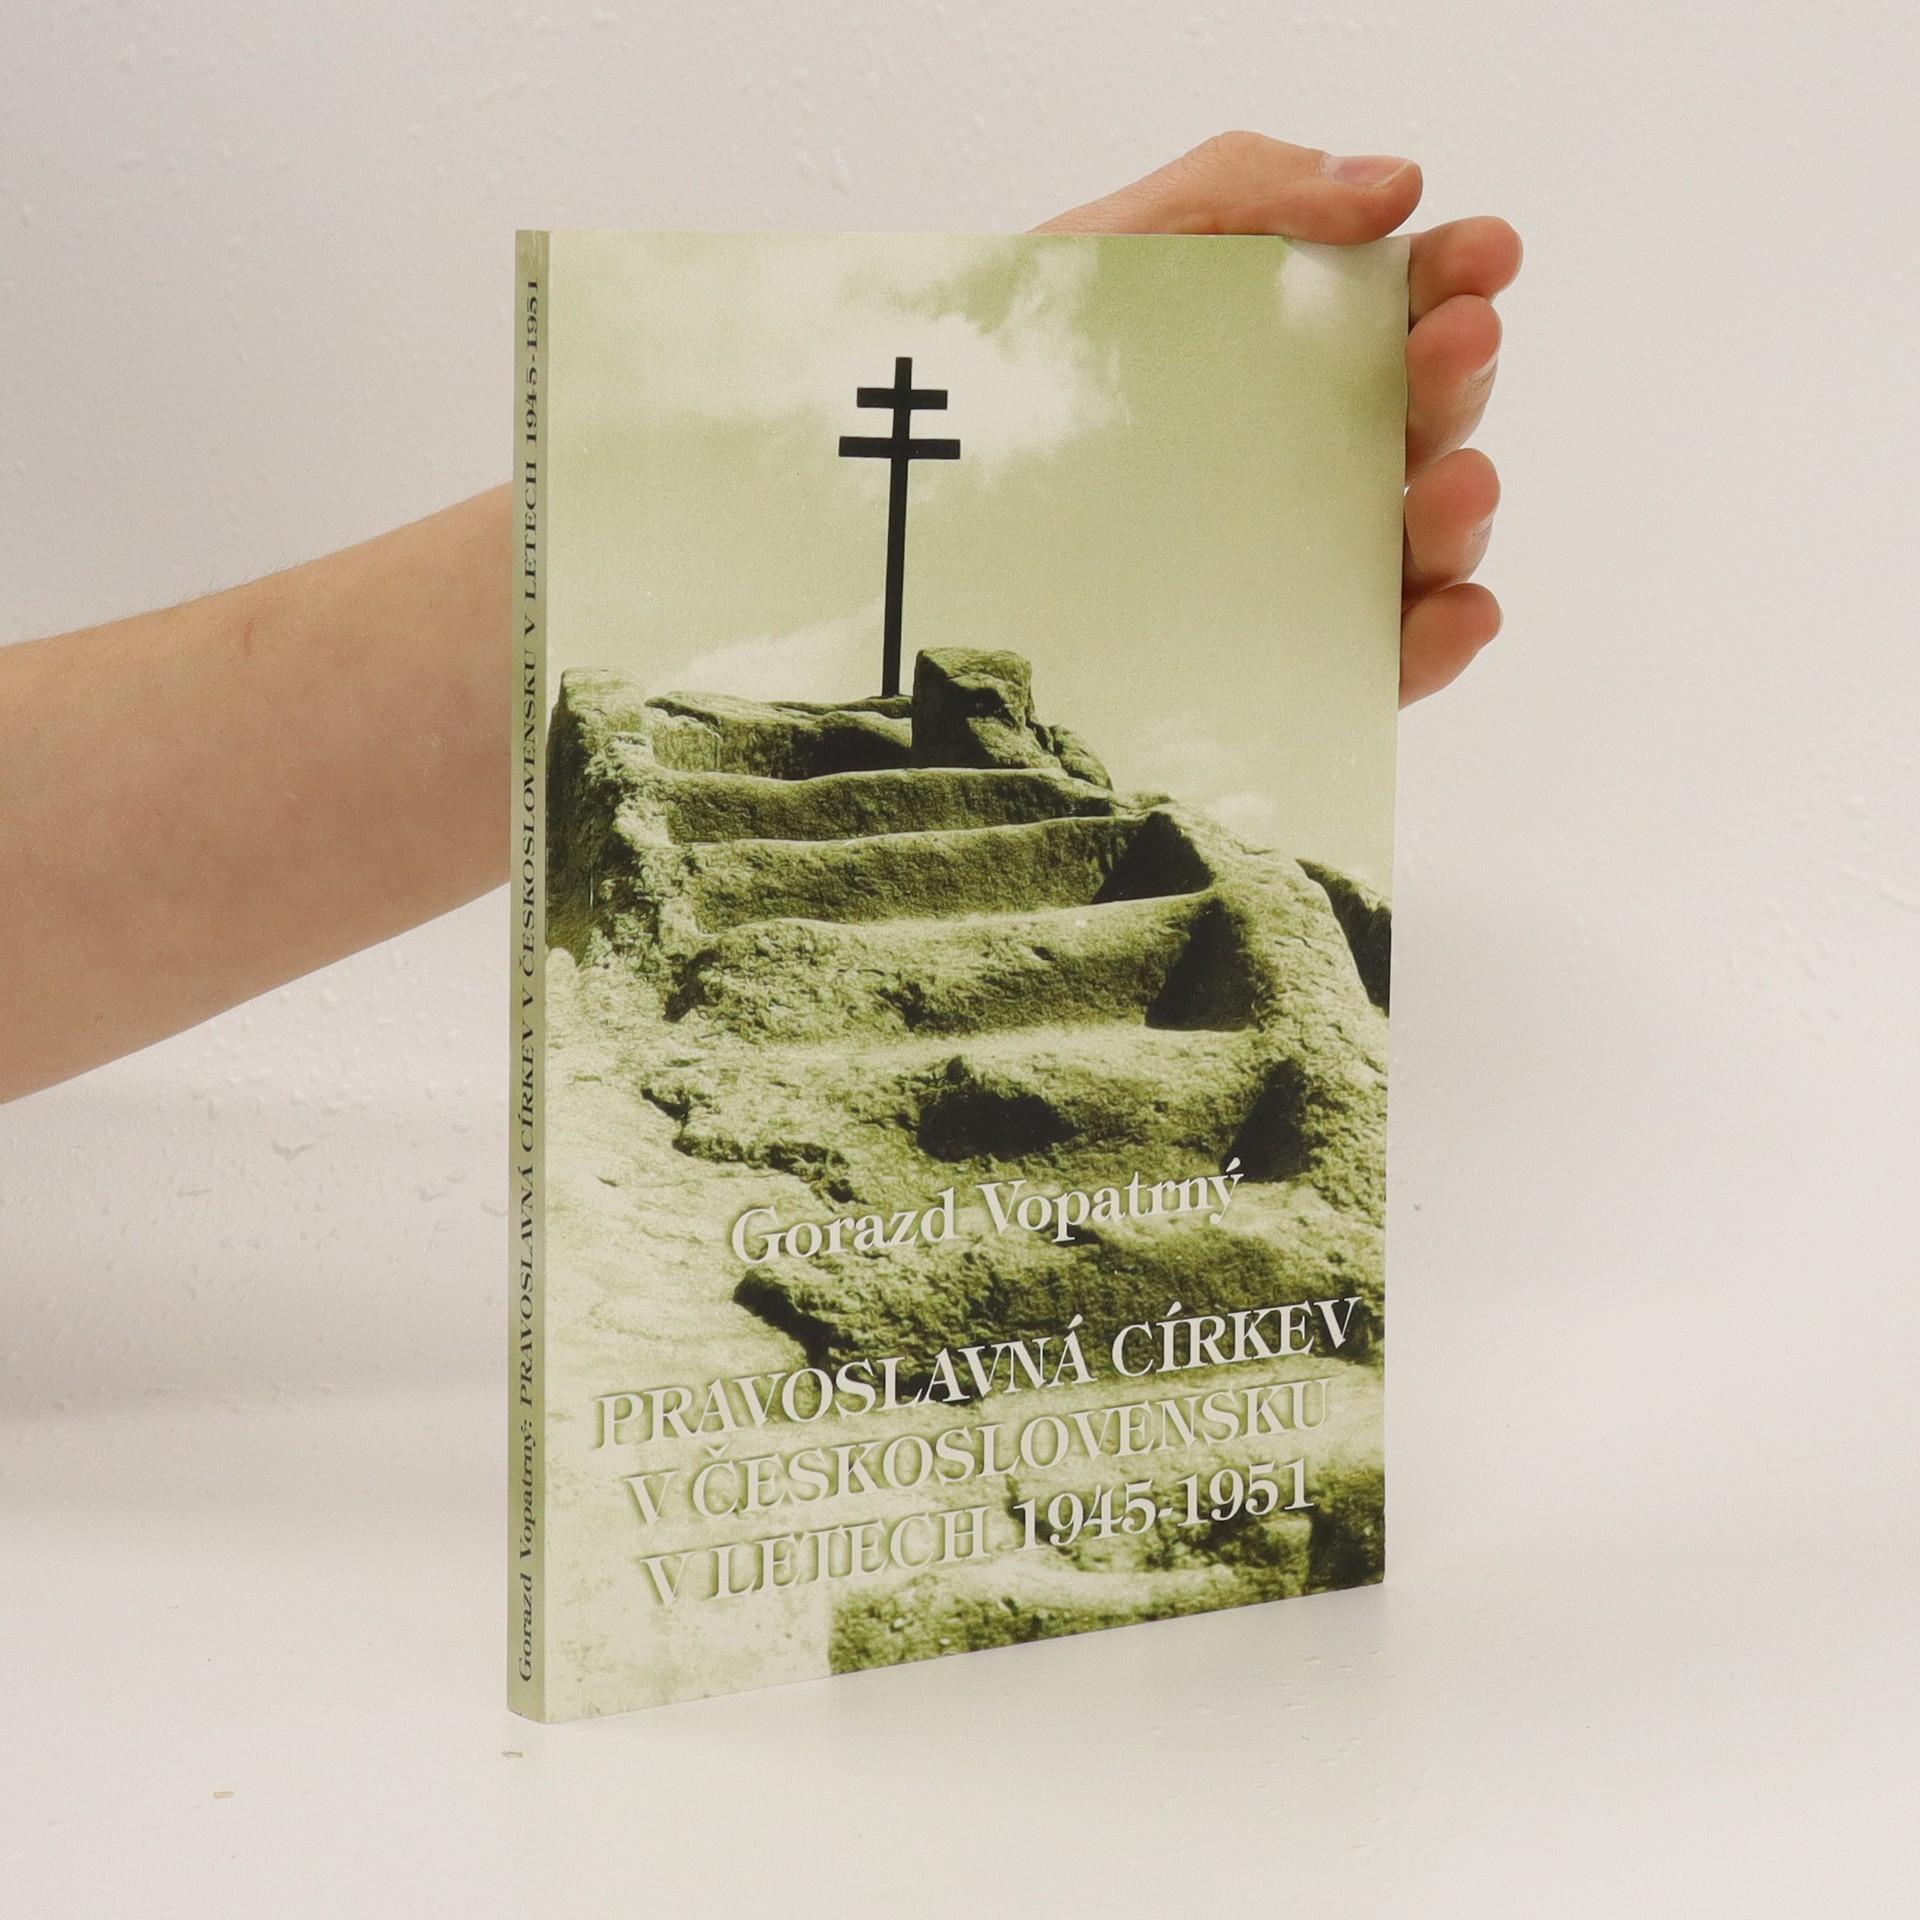 antikvární kniha Pravoslavná církev v Československu v letech 1945-1951, 1998